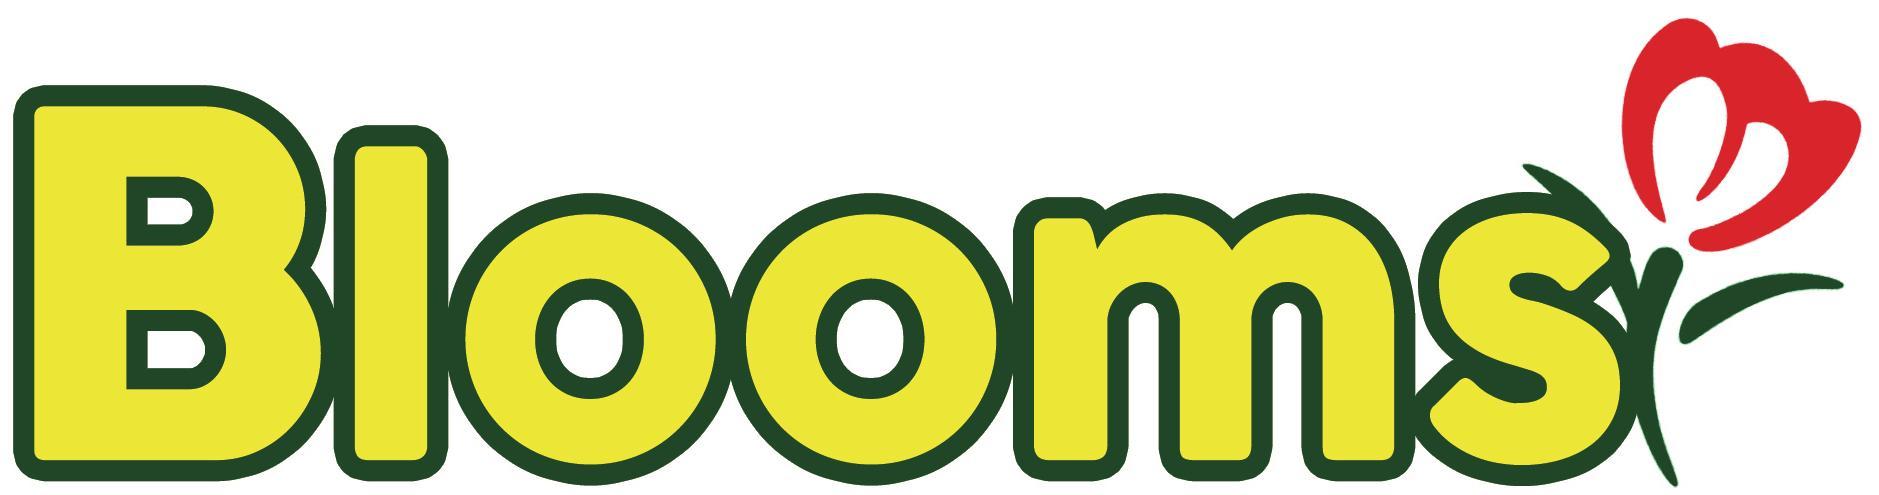 Blooms Shop